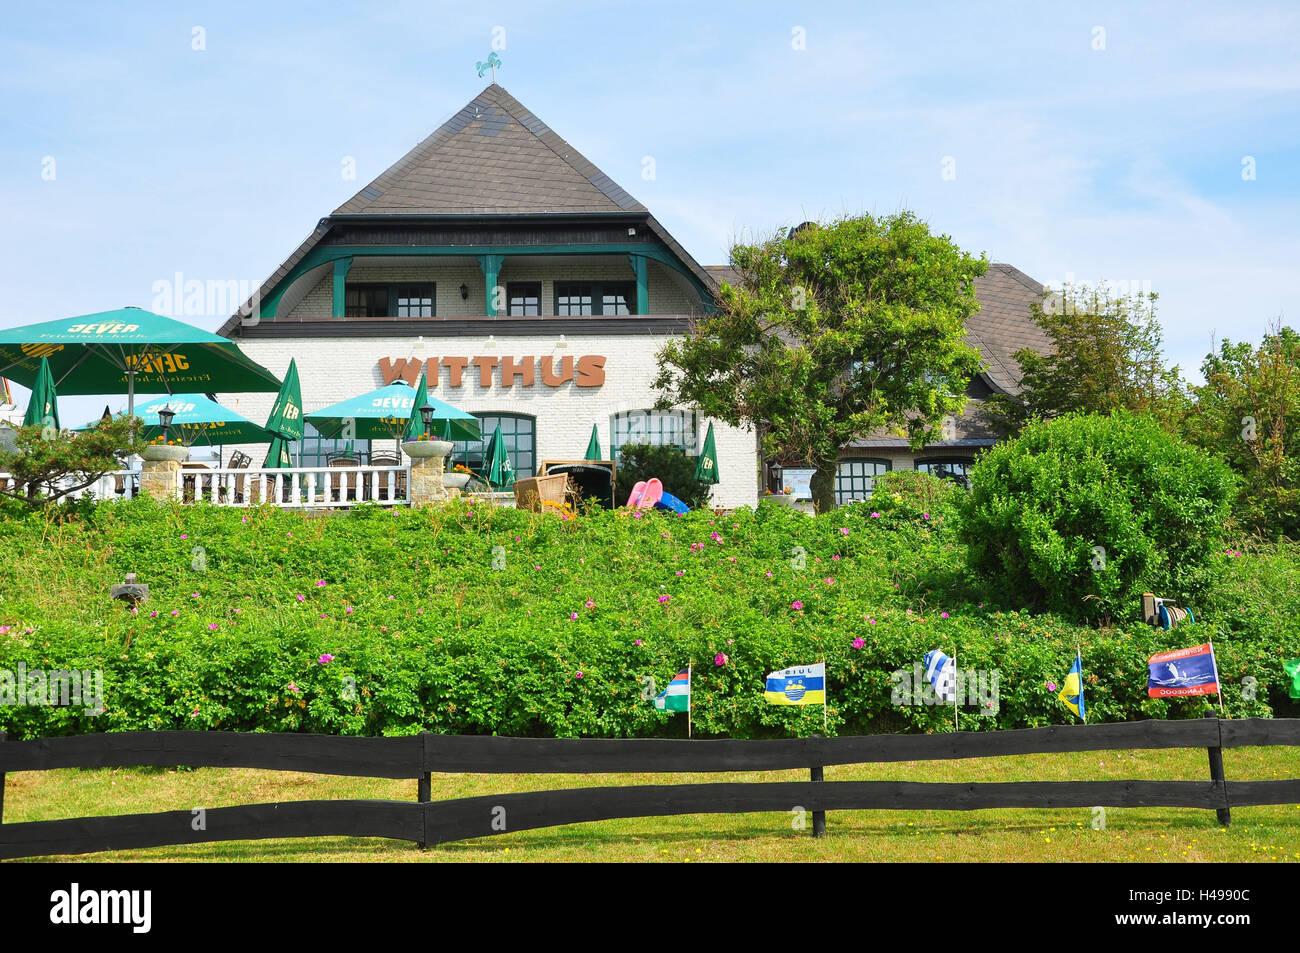 Alemania, Baja Sajonia, Baltrum, isla del Mar del Norte, restaurante, Witthus, Foto de stock